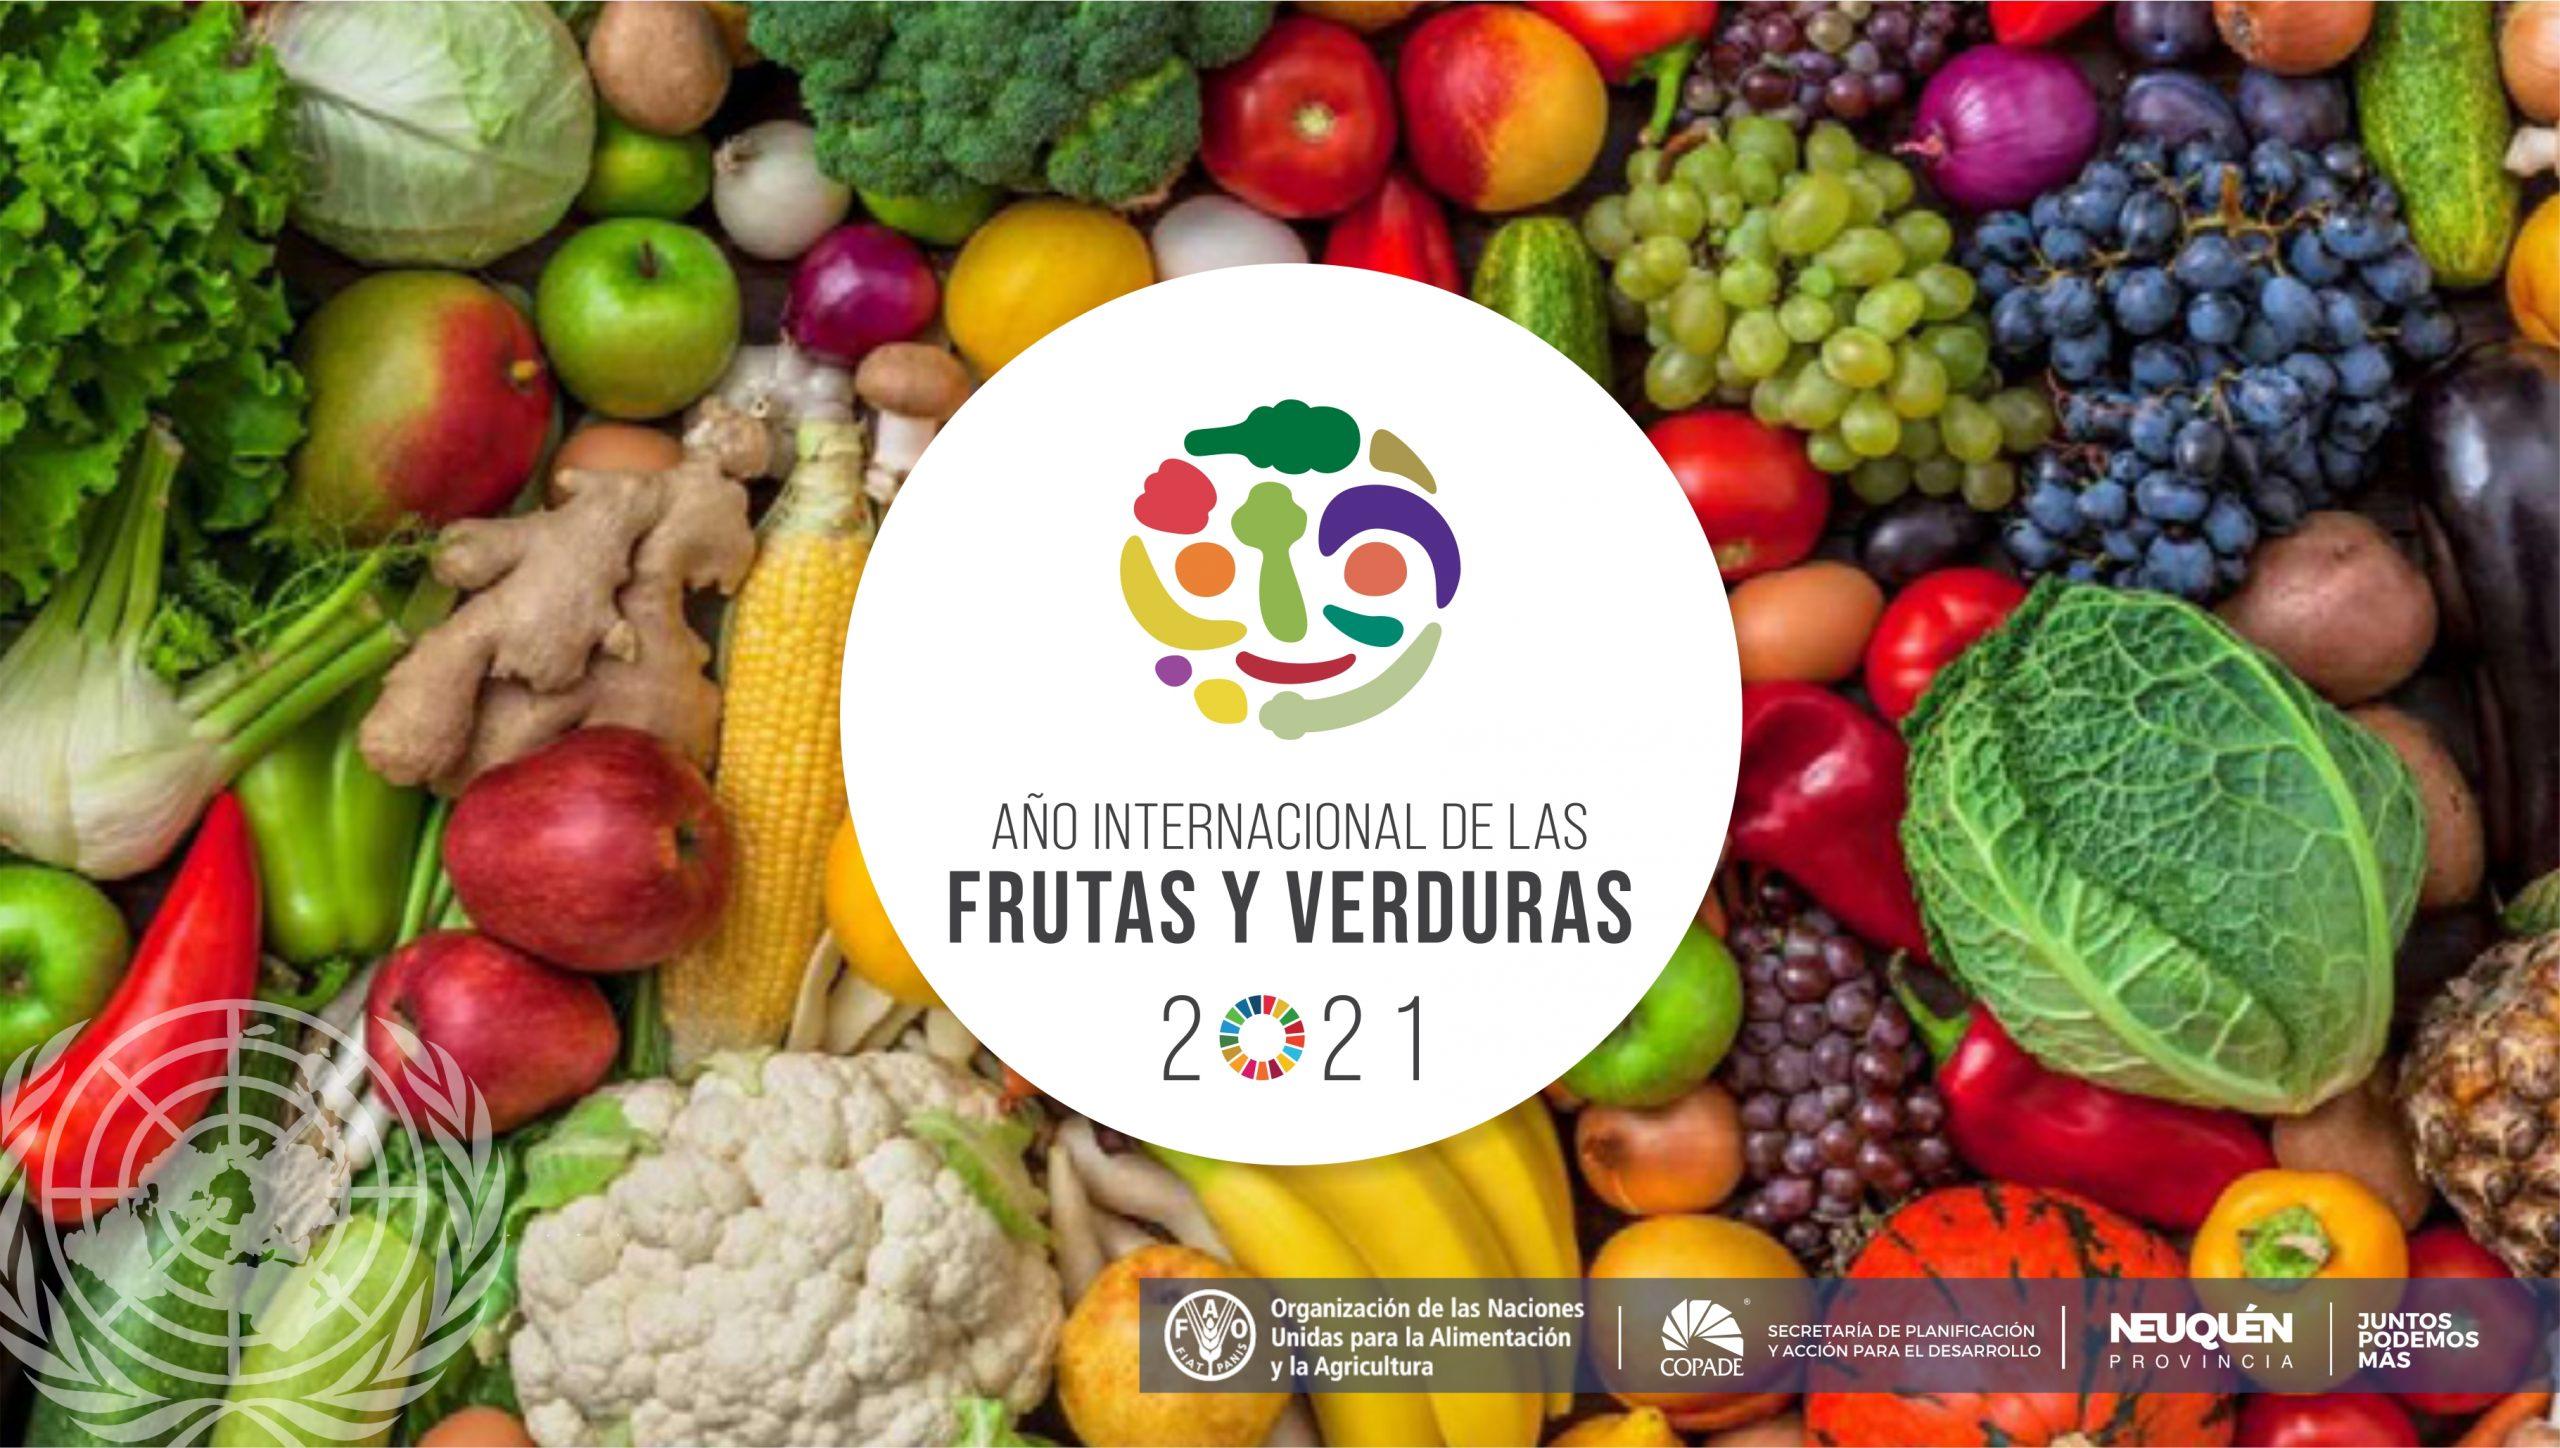 El 2021 es el año Internacional de las Frutas y Verduras